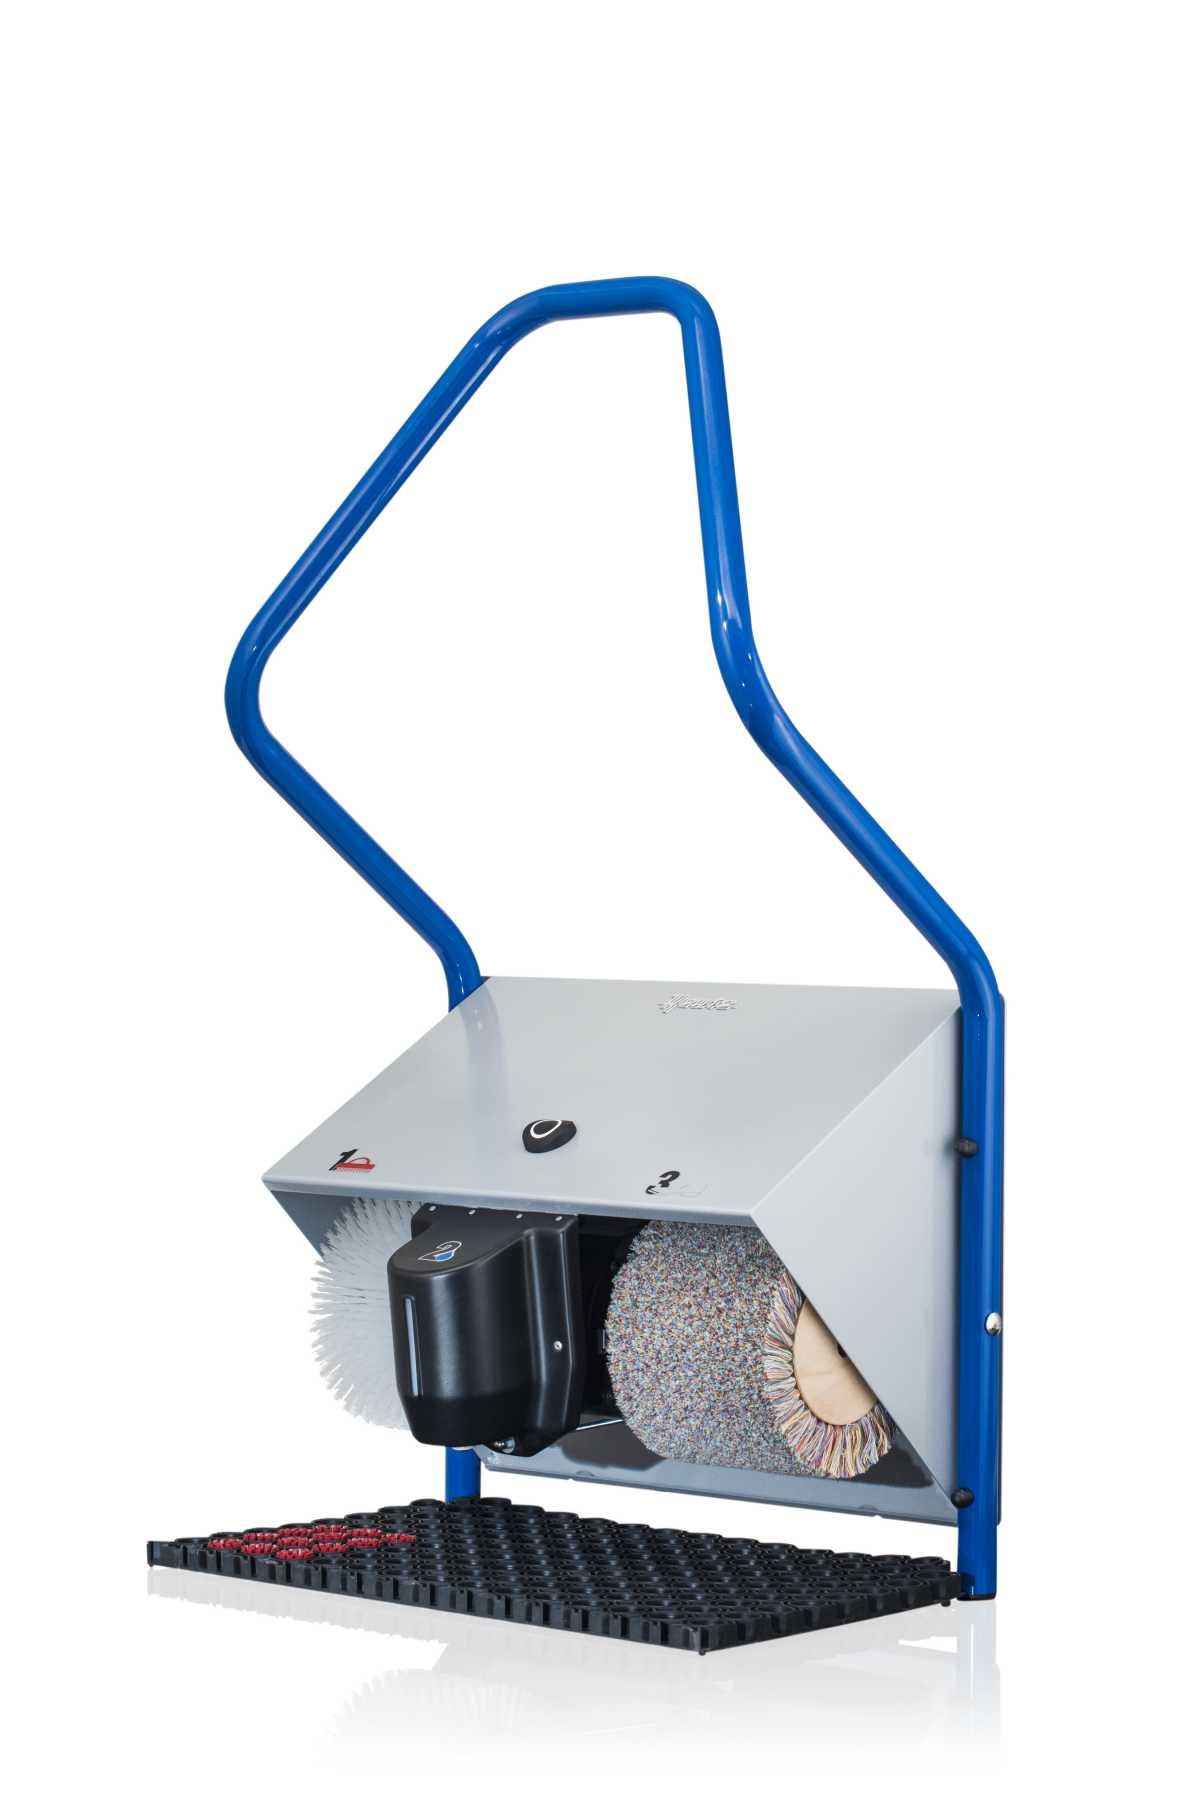 HEUTE Ayakkabı Cilalama Makinesi, Politec Solar